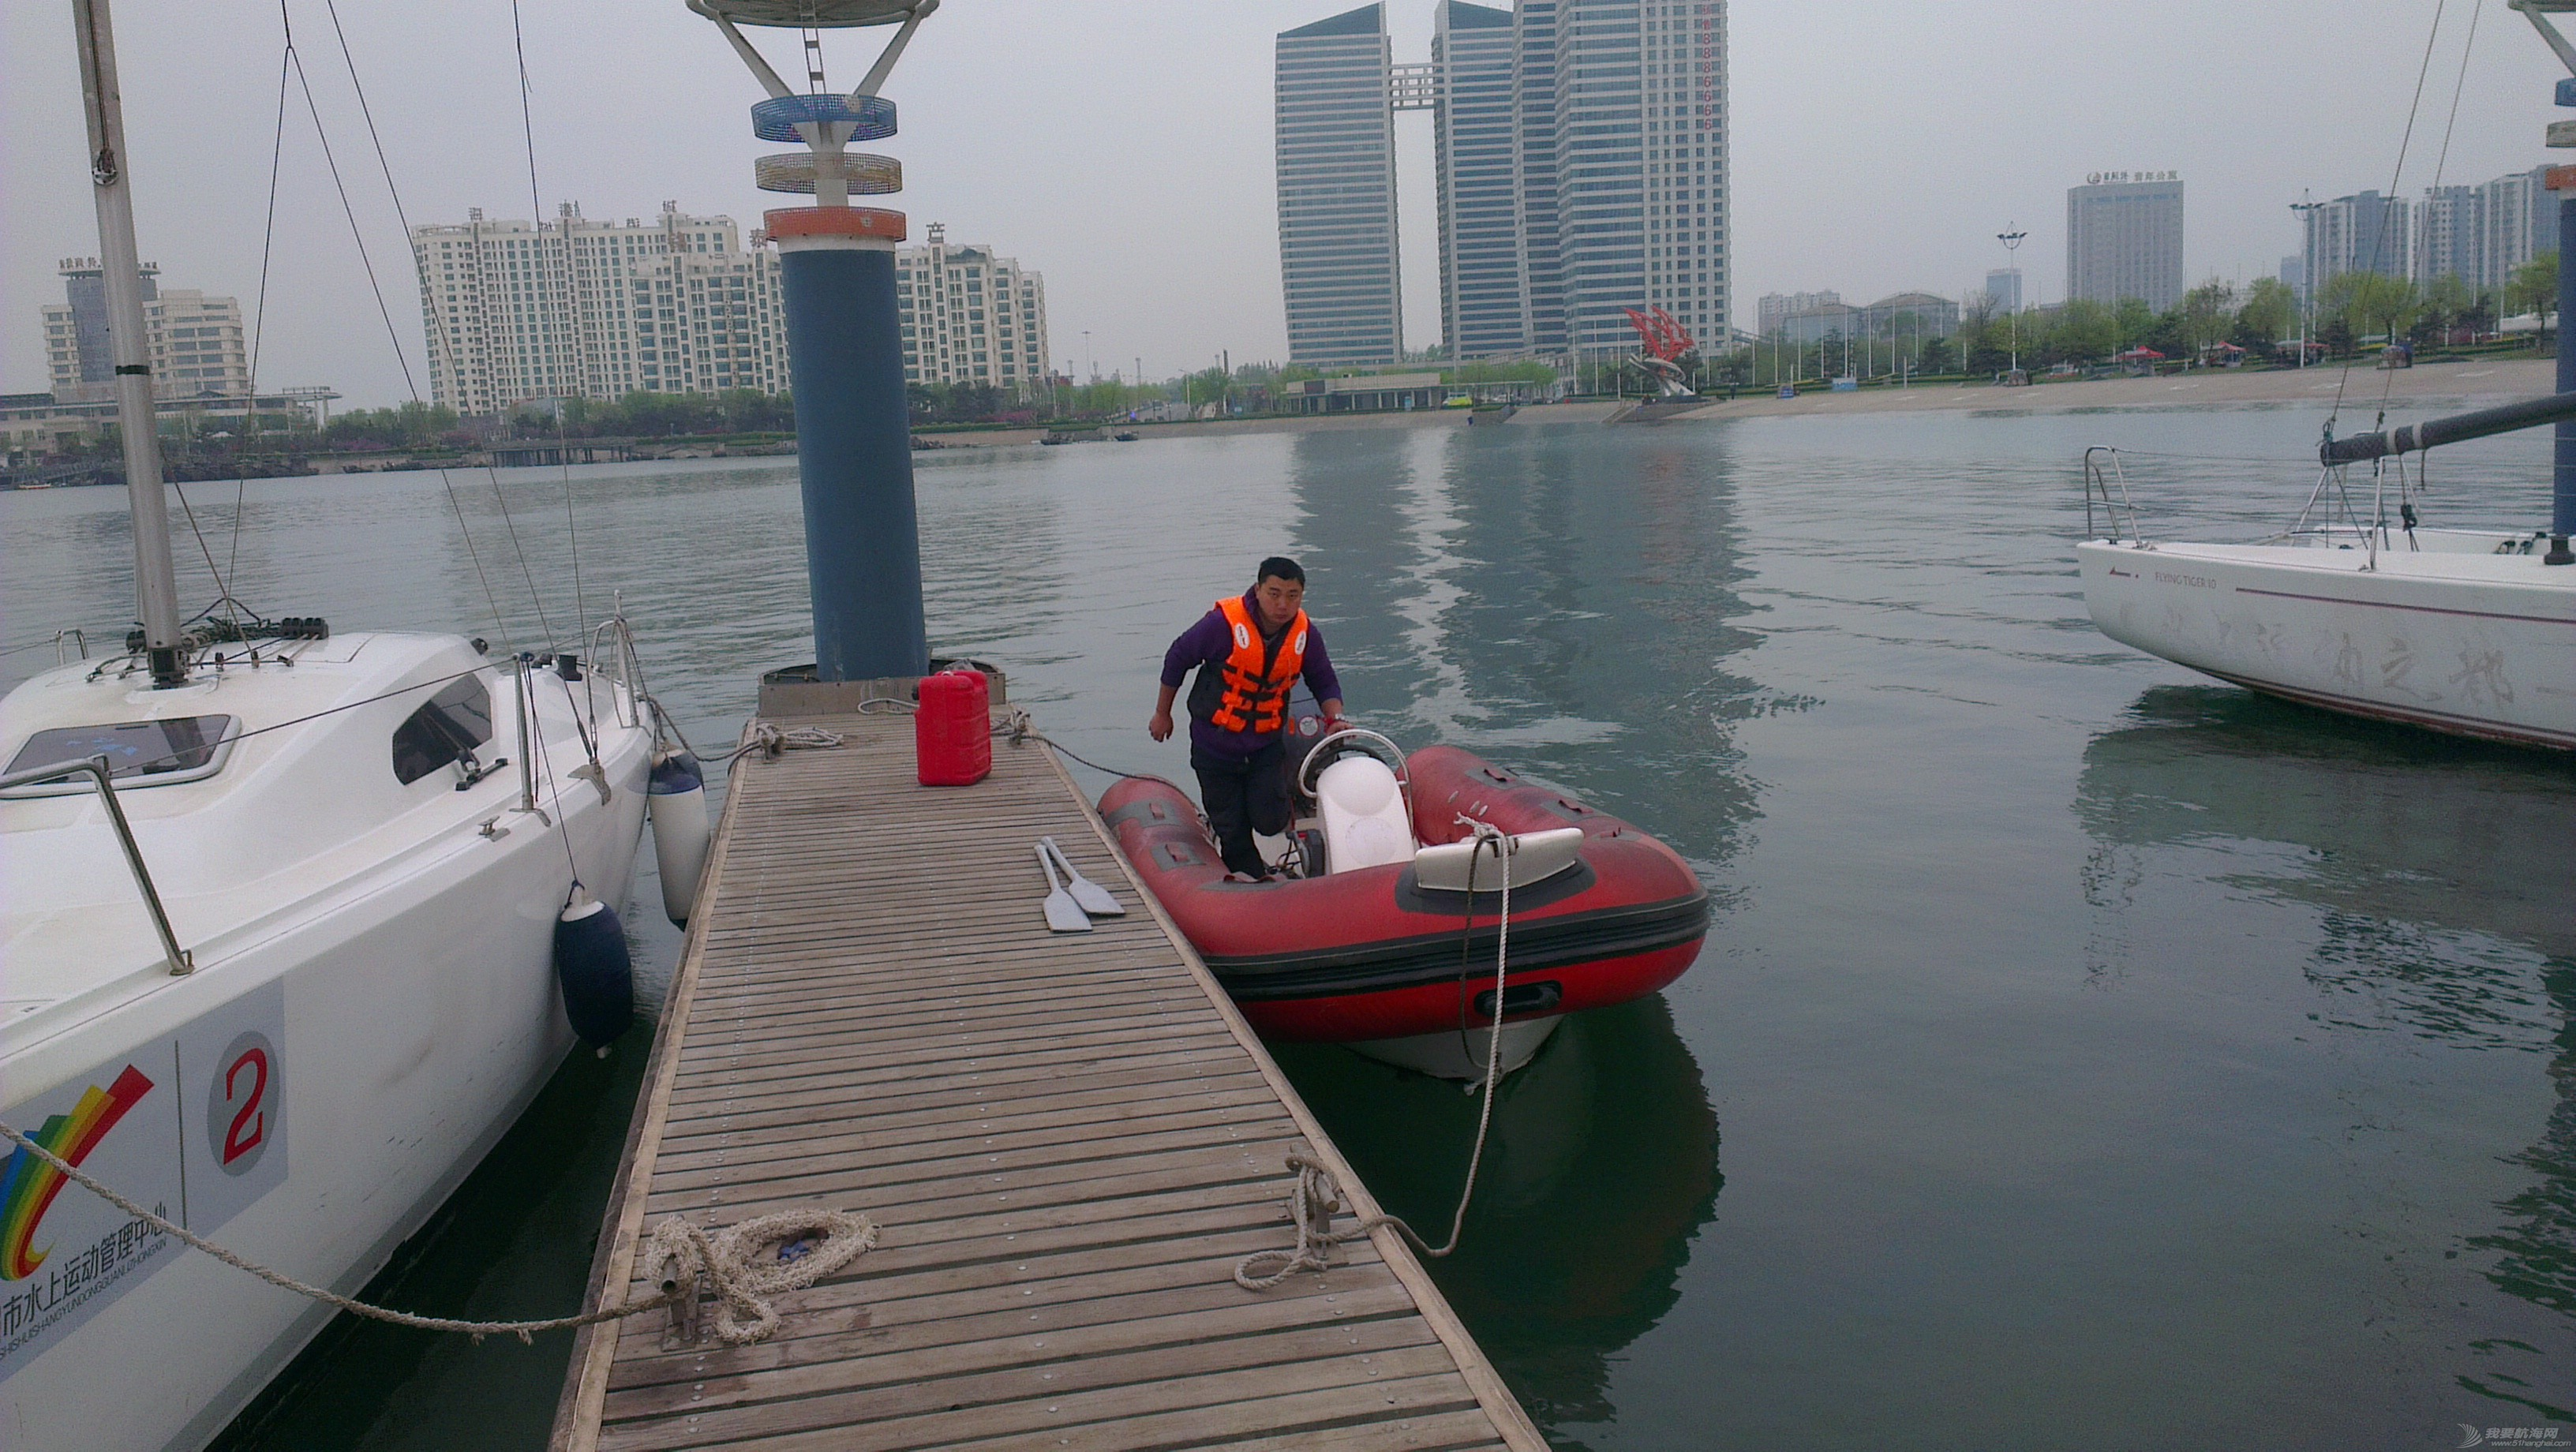 航海公益____帆船学习日记 IMAG1377.jpg